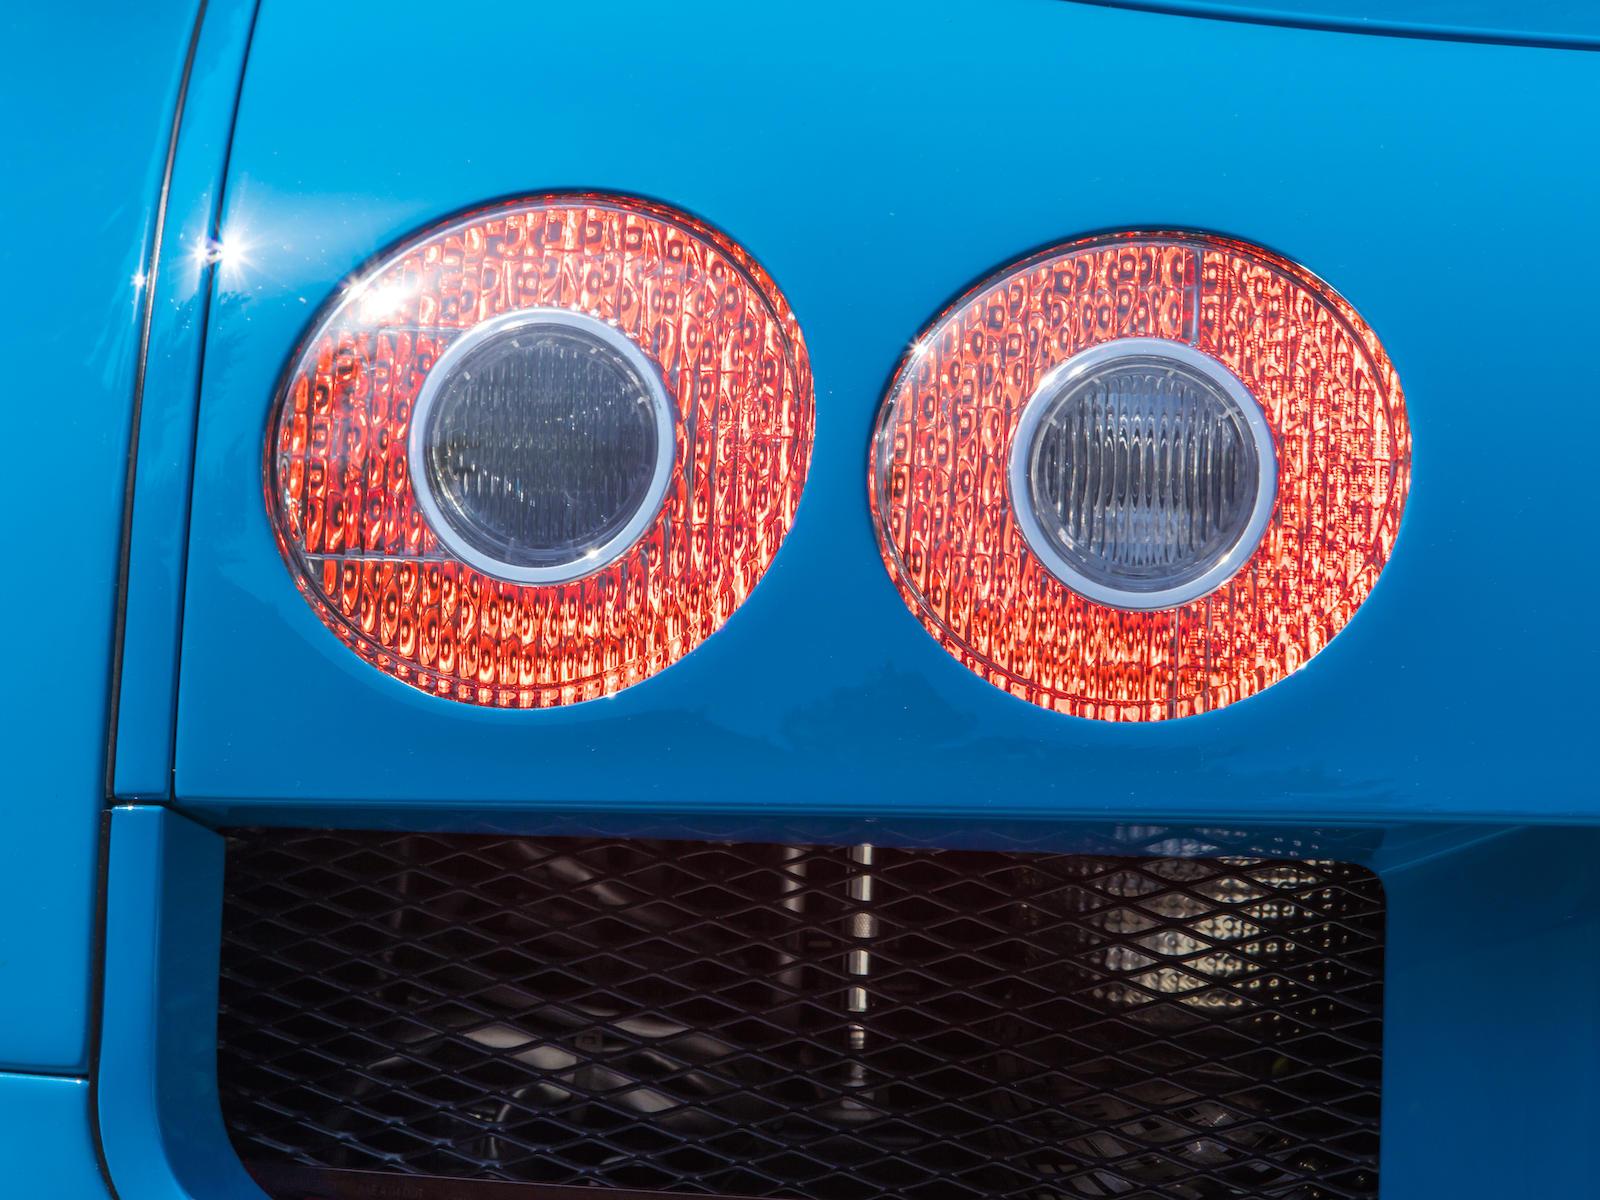 Bugatti Veyron taillight